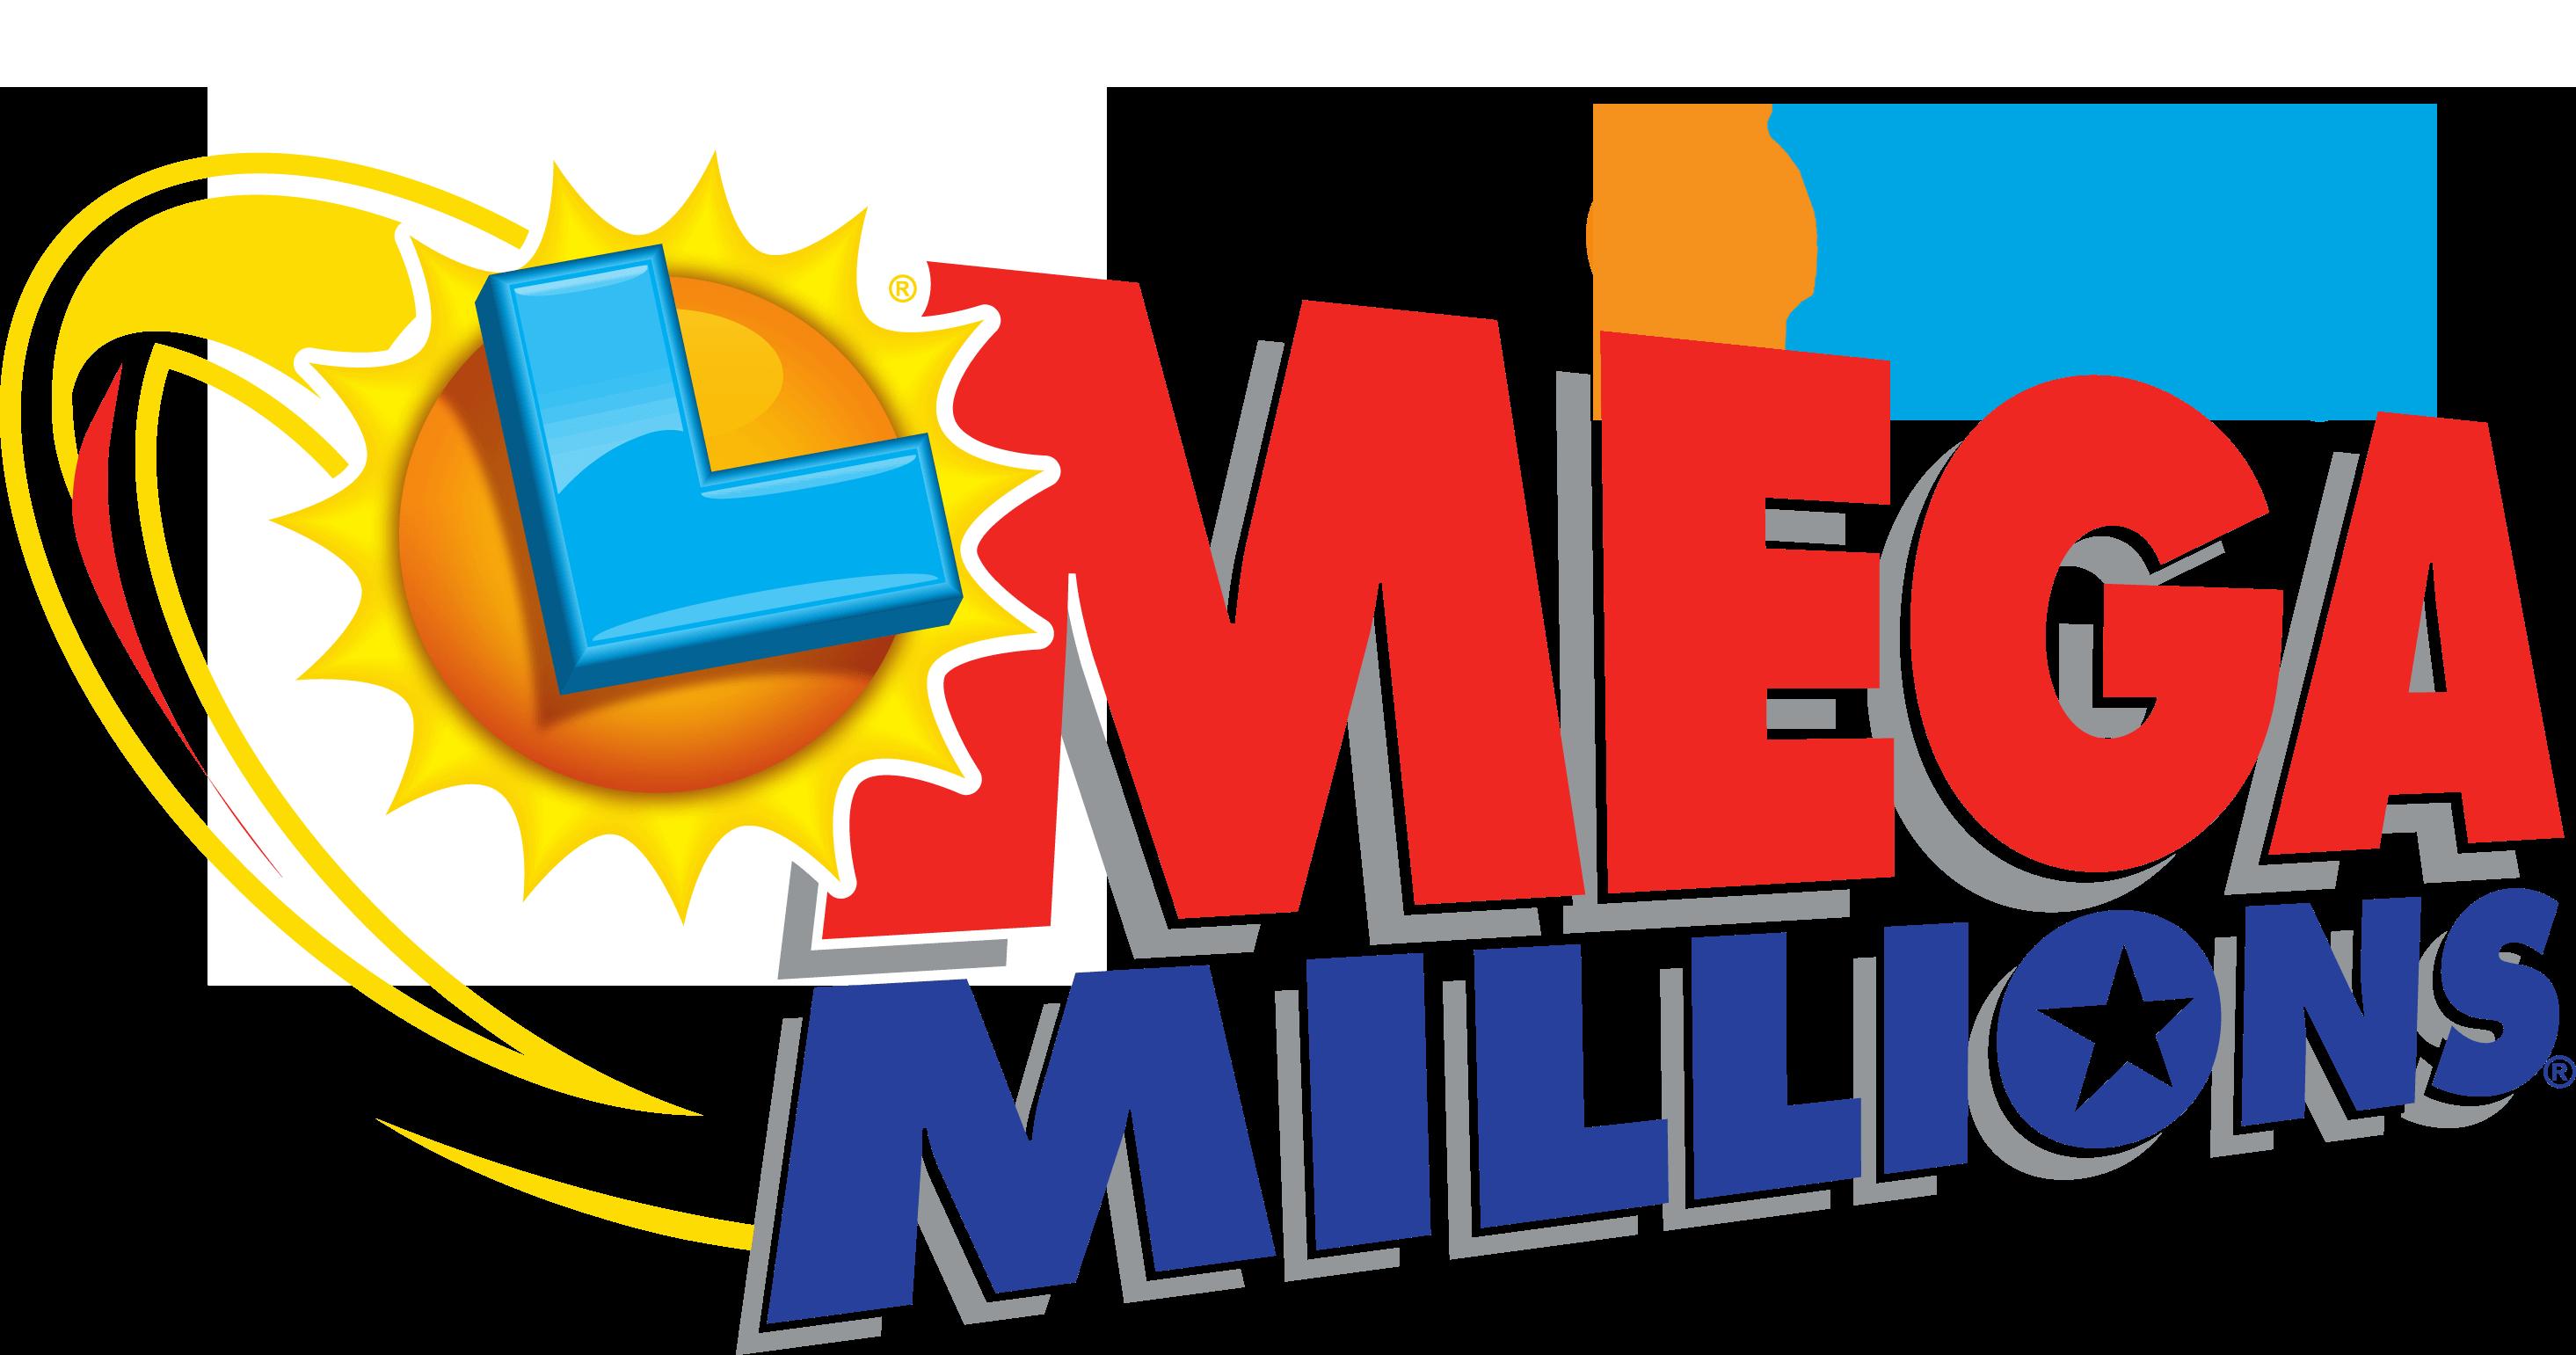 Mega Millions, cblottery